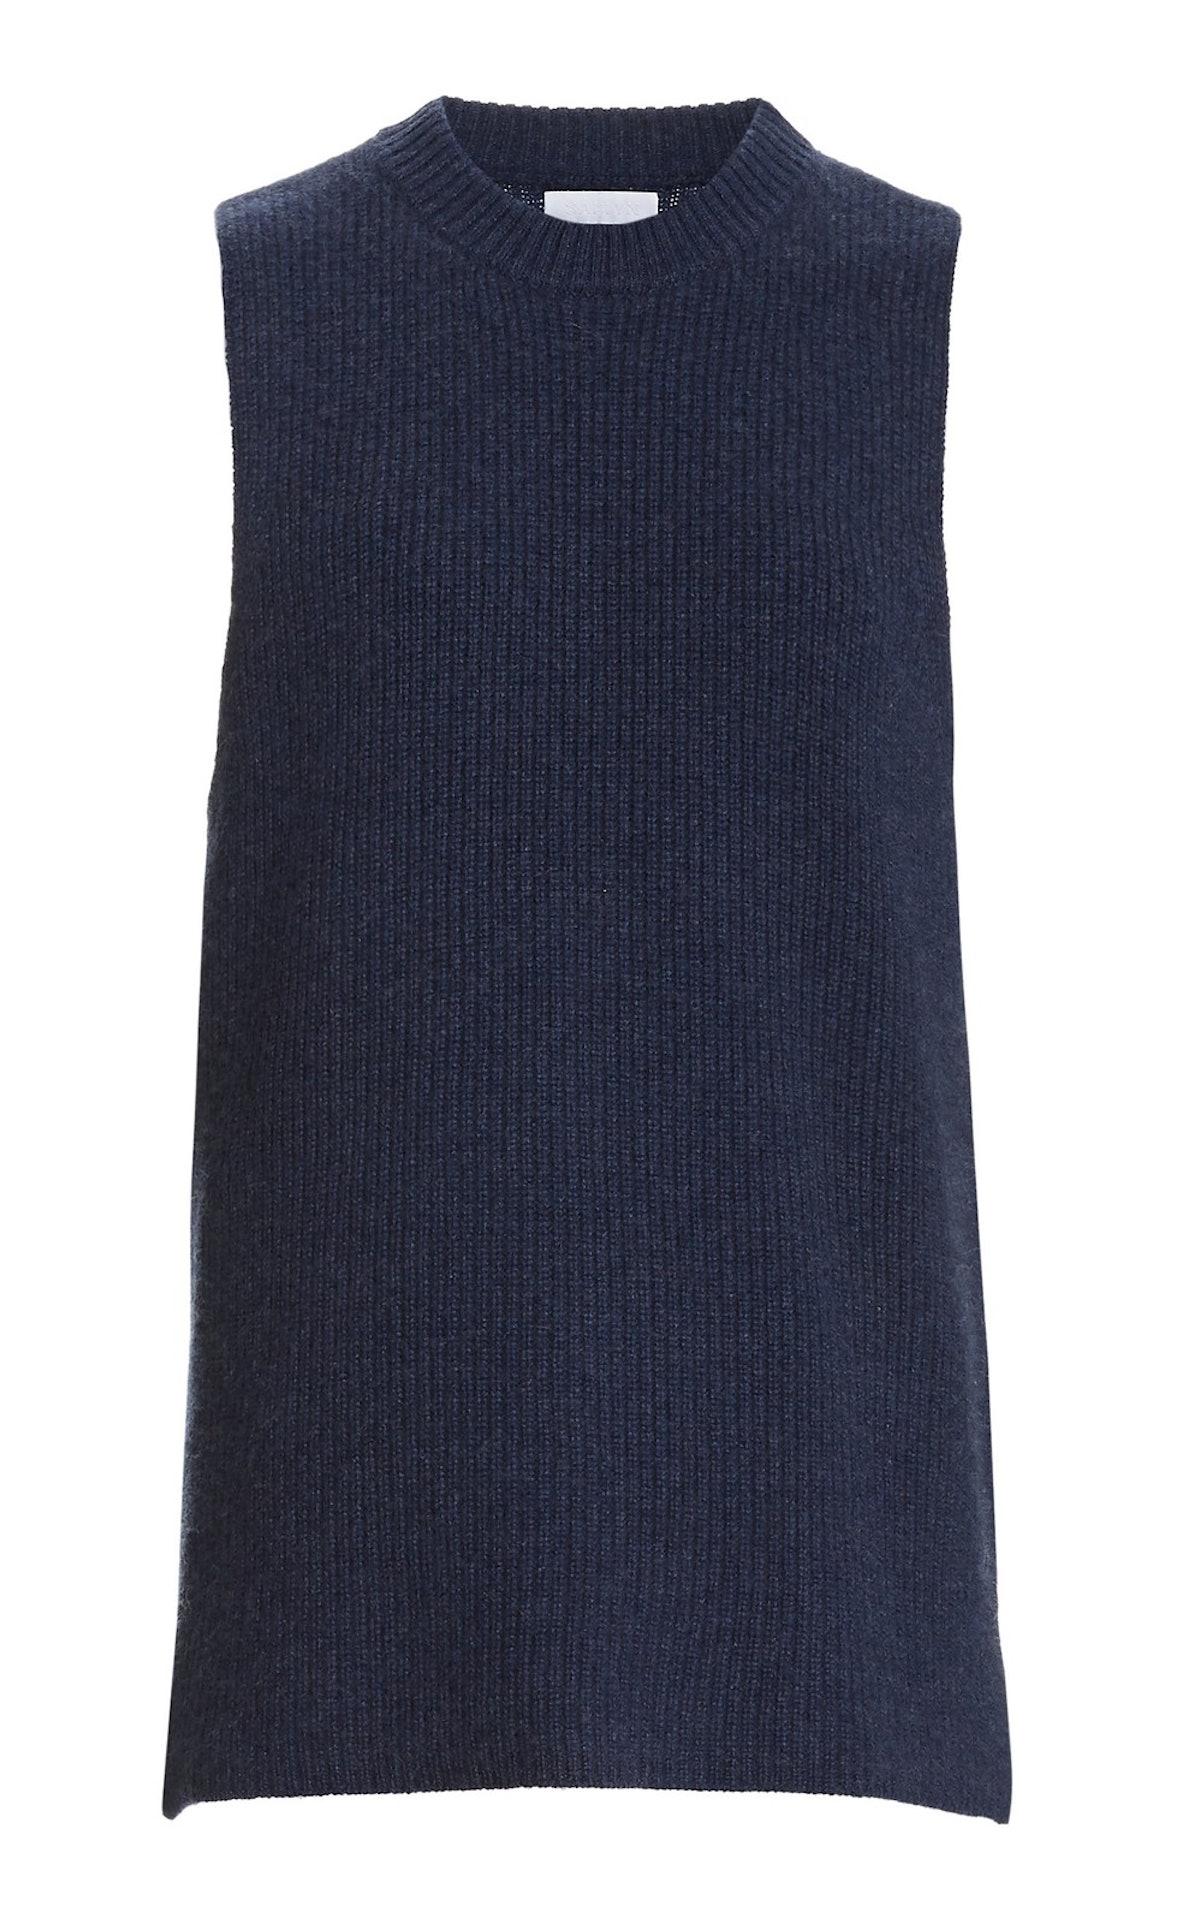 Ashley Cashmere Sleeveless Sweater